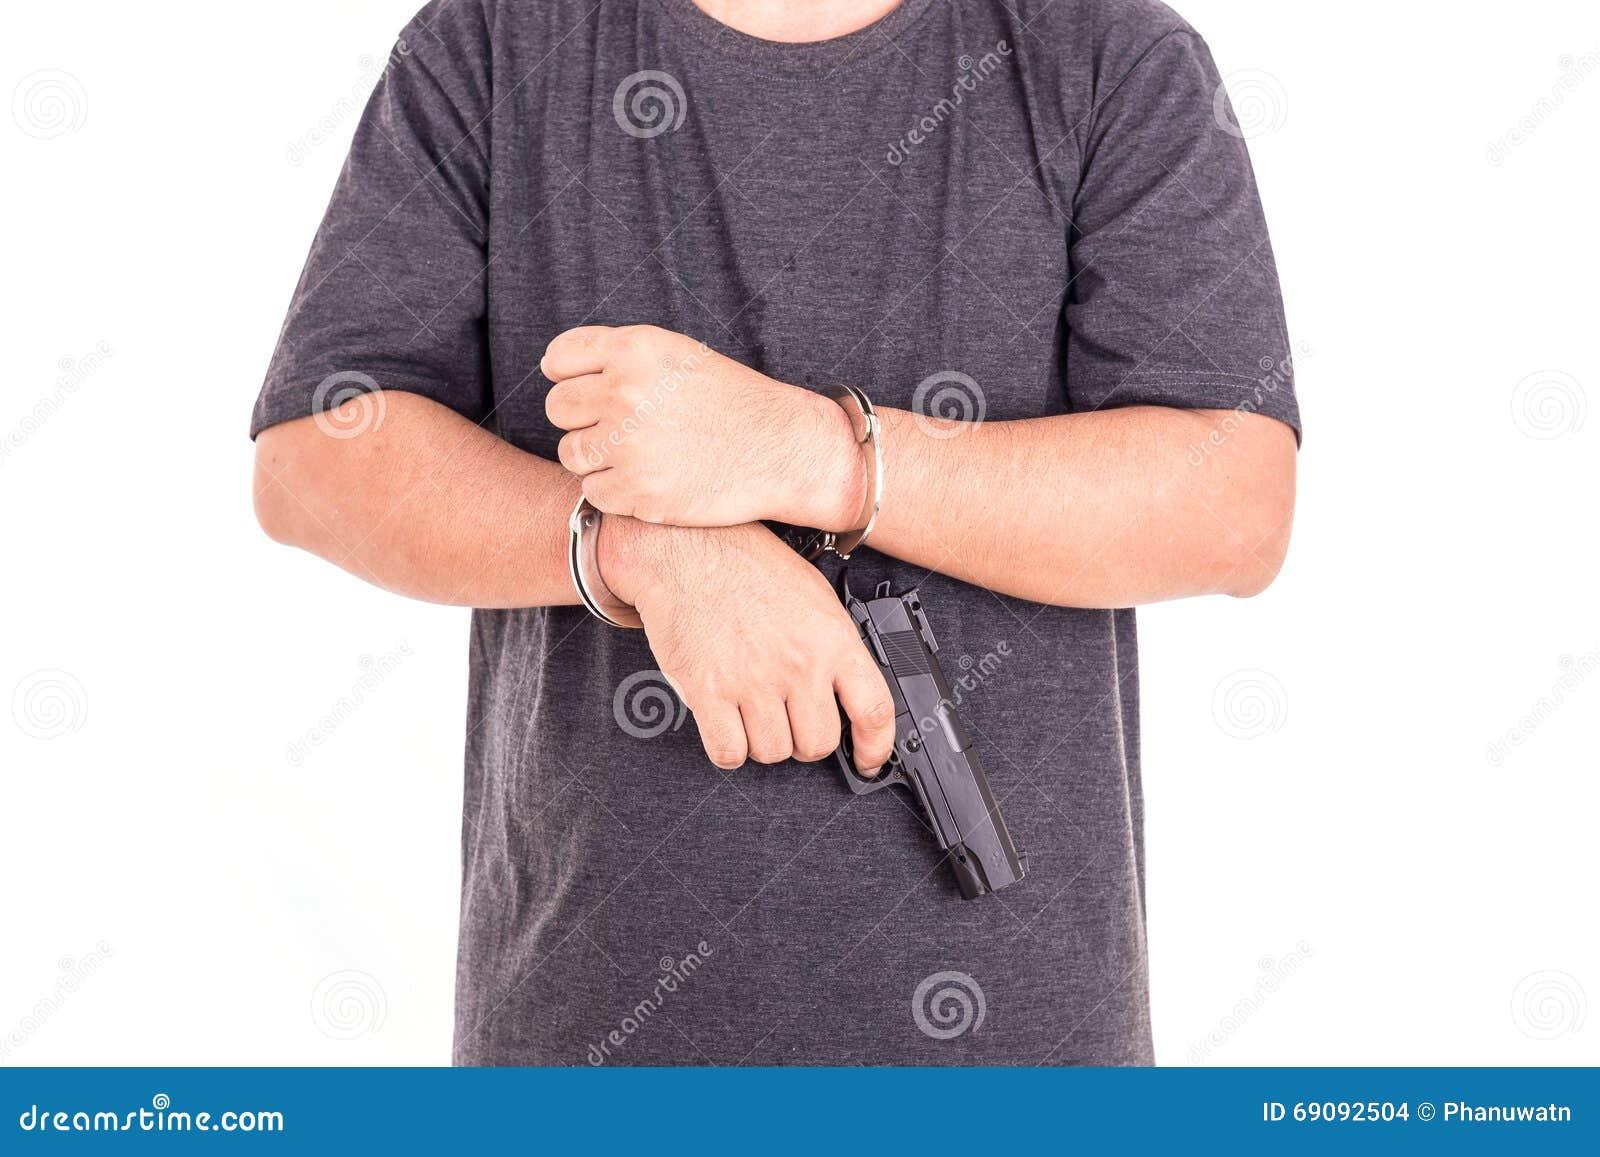 Κλείστε επάνω το άτομο με τις χειροπέδες και το πυροβόλο όπλο σε ετοιμότητα που απομονώνονται στο λευκό